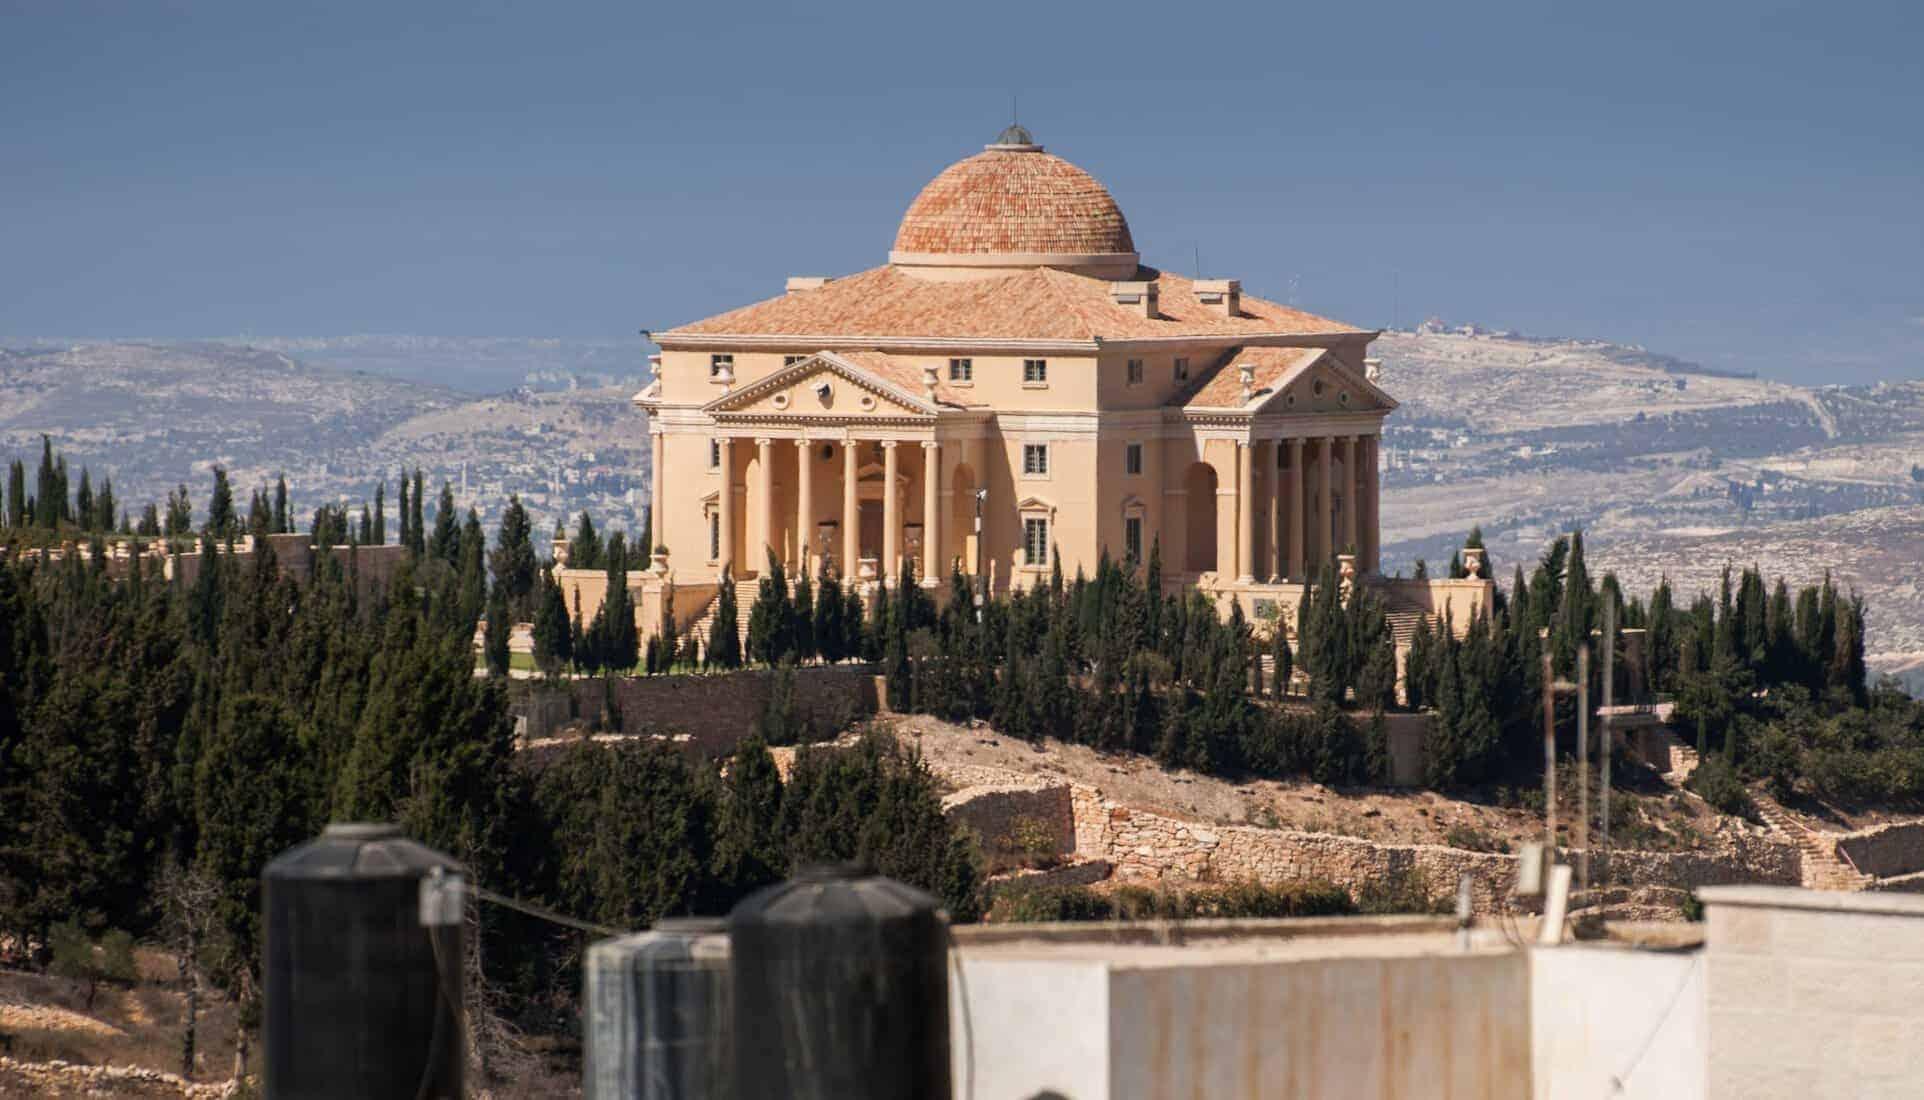 NABLUS, PALESTINE - The House of Palestine in Nablus